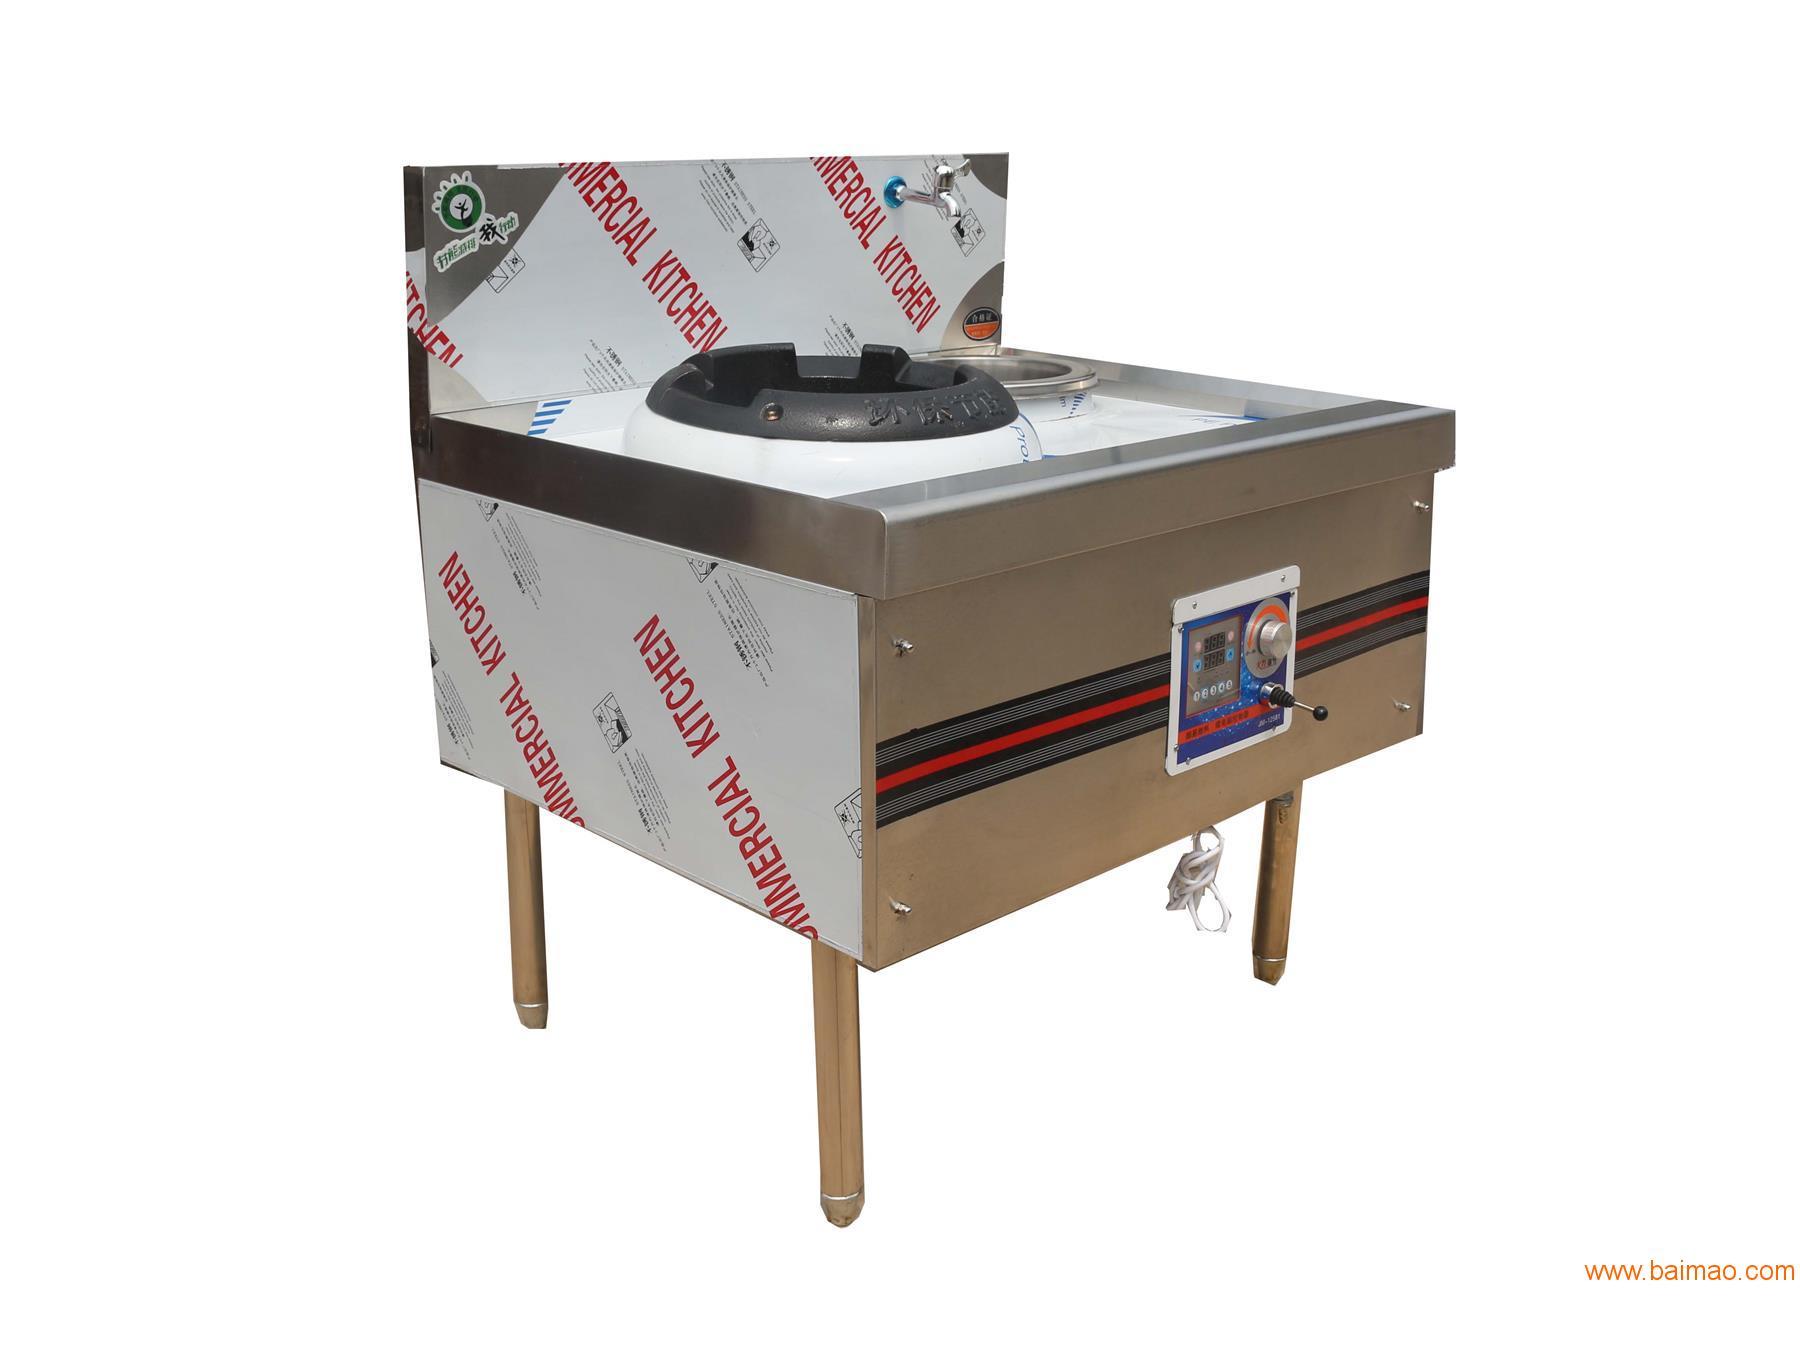 燃气低汤灶-燃气低汤灶批发、促销价格、产地货源 - 阿里巴巴